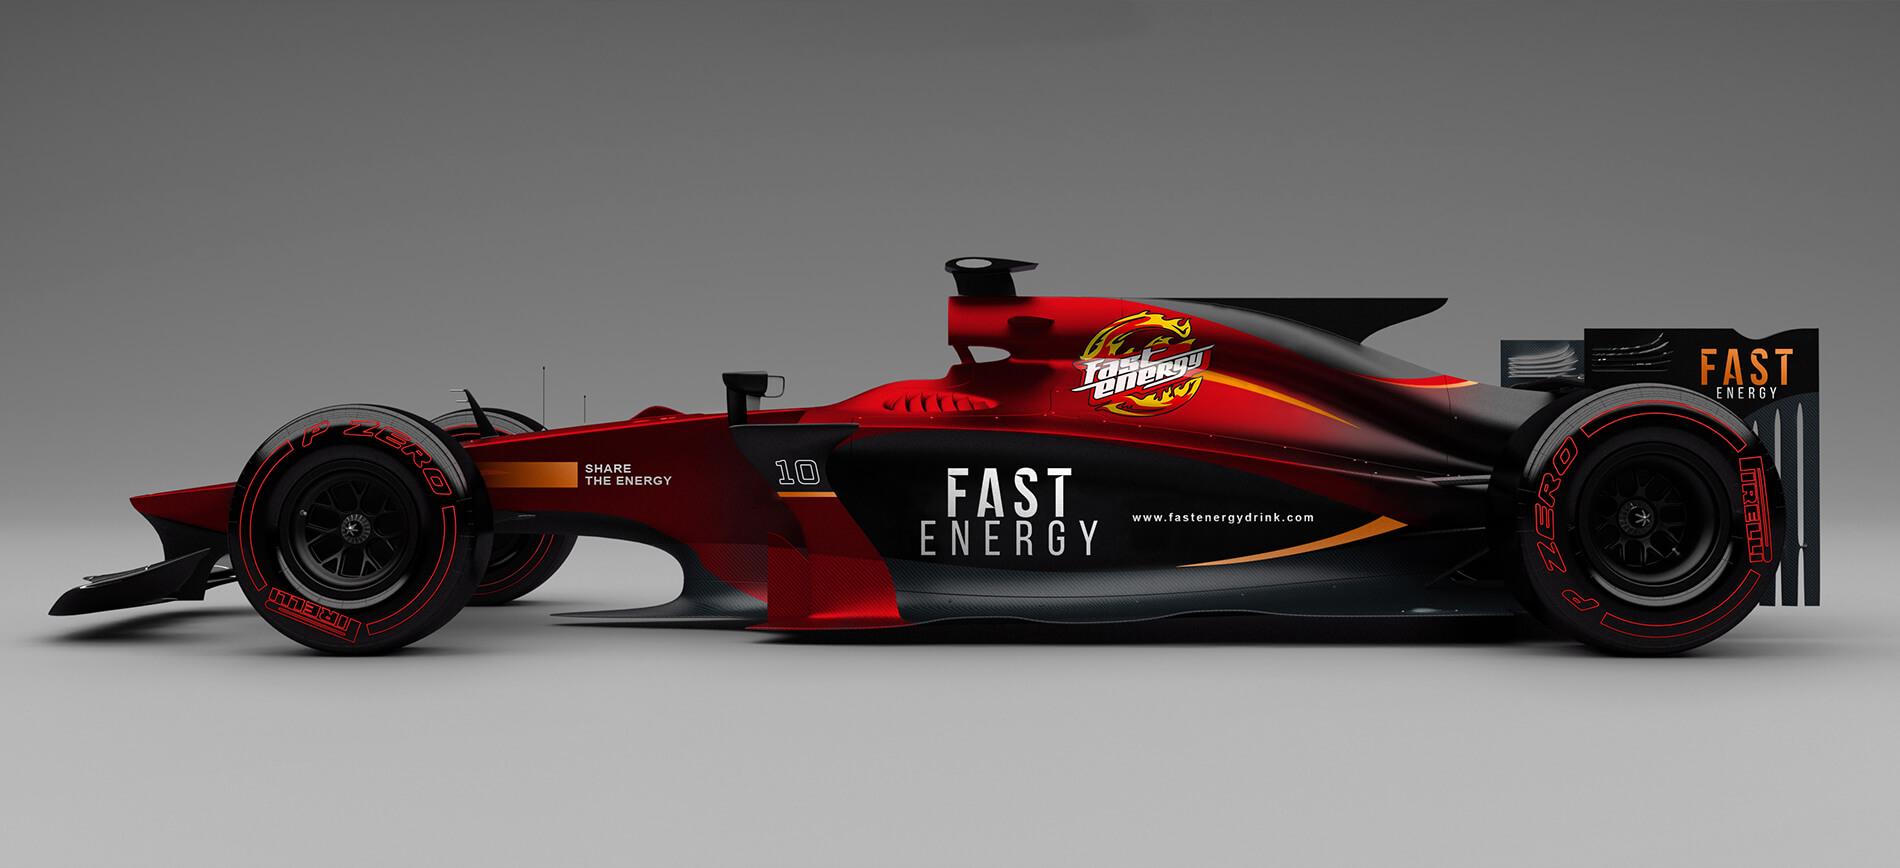 Fast energy drink - Slajder